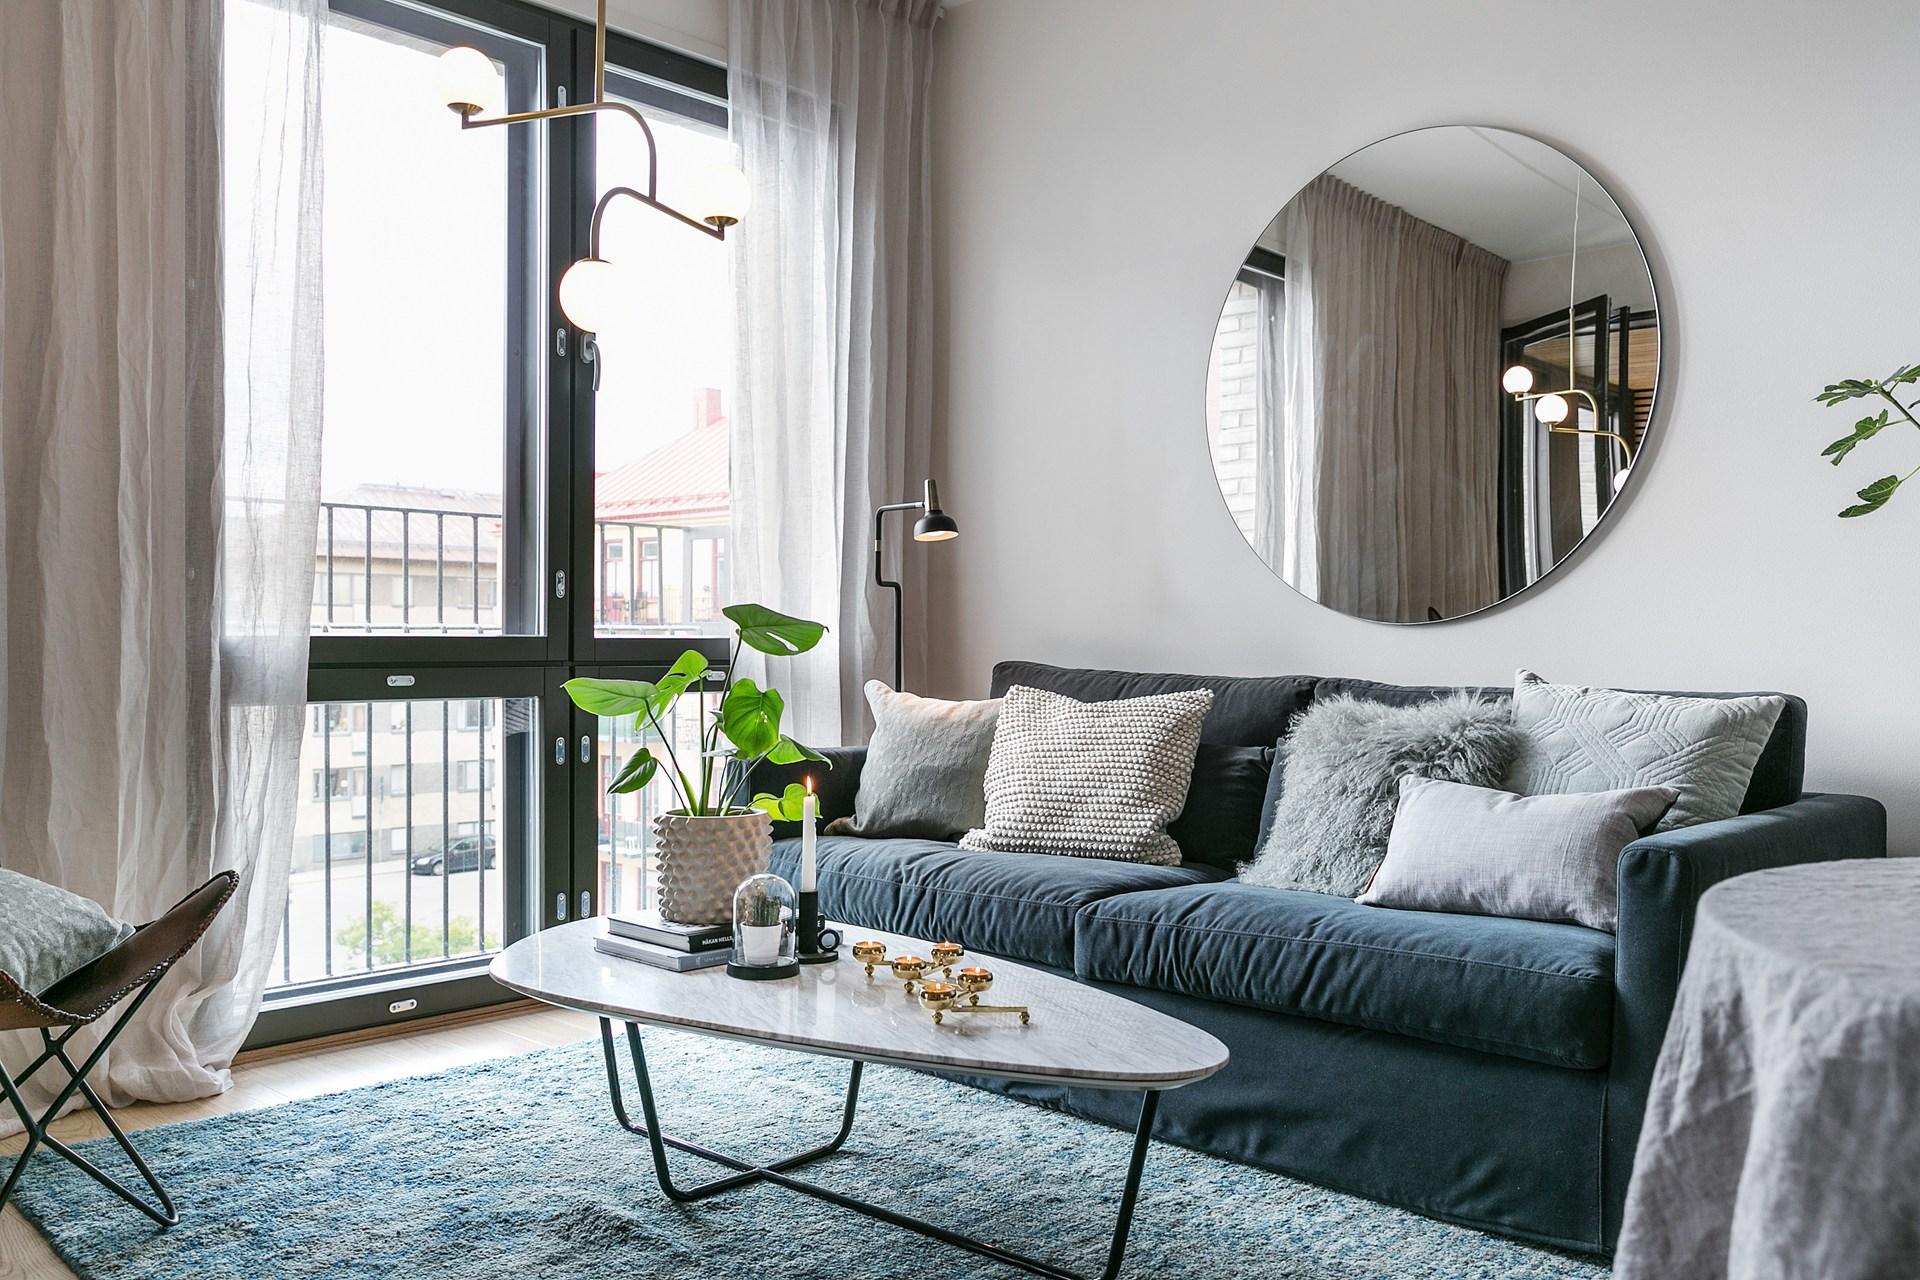 гостиная диван зеркало столик ковер